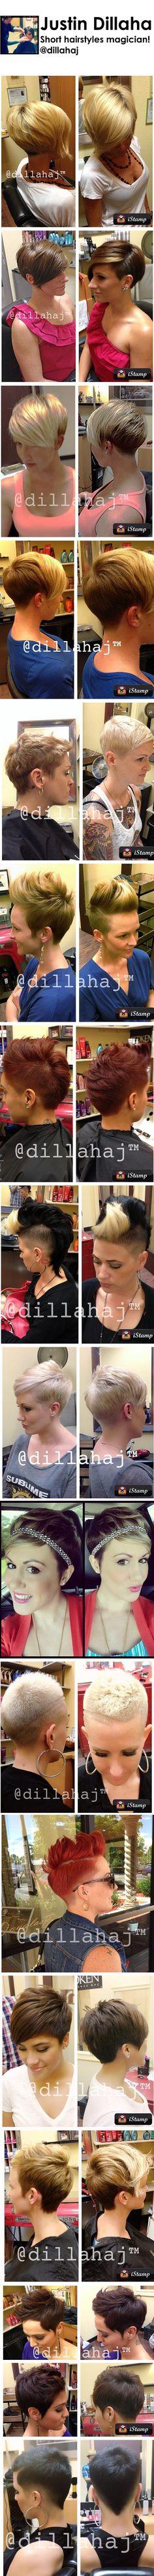 Justin Dillaha: ο μάγος των κοντών μαλλιών!